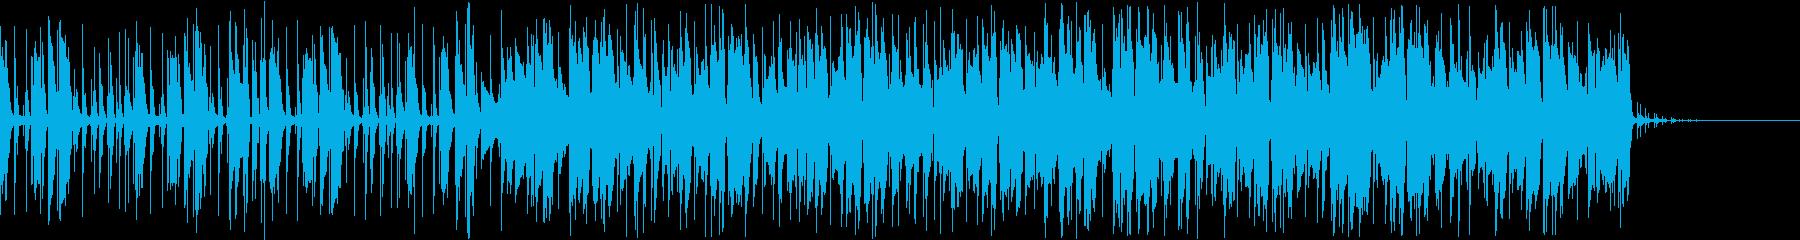 グルーヴ感のあるピアノハウスジングルの再生済みの波形